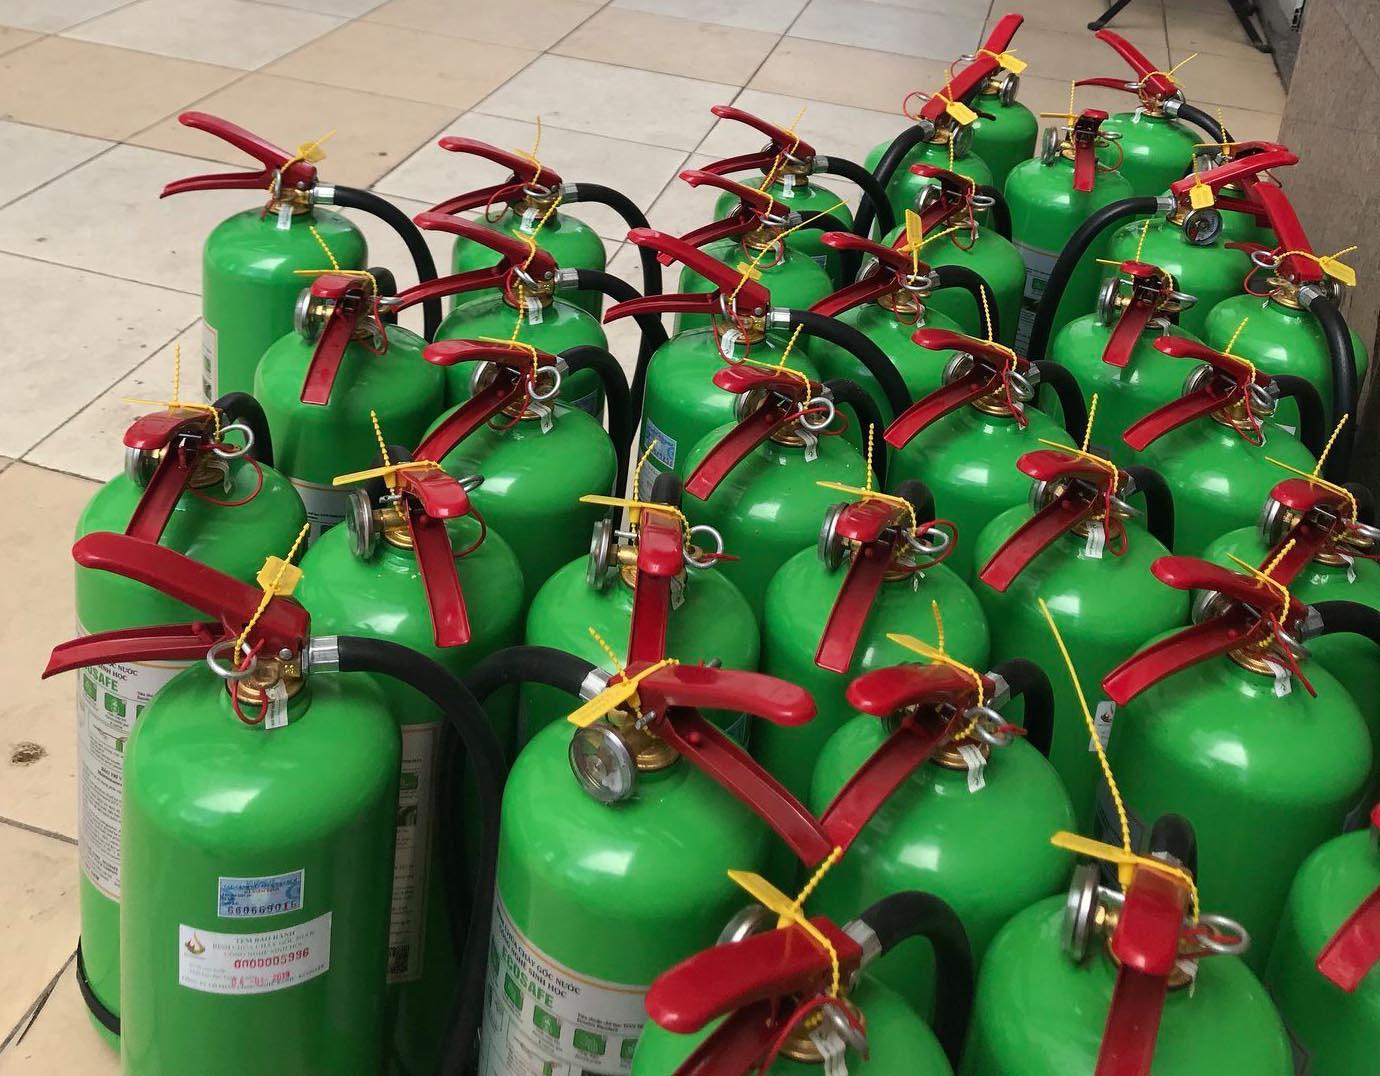 bình cứu hỏa sản xuất tại Việt Nam